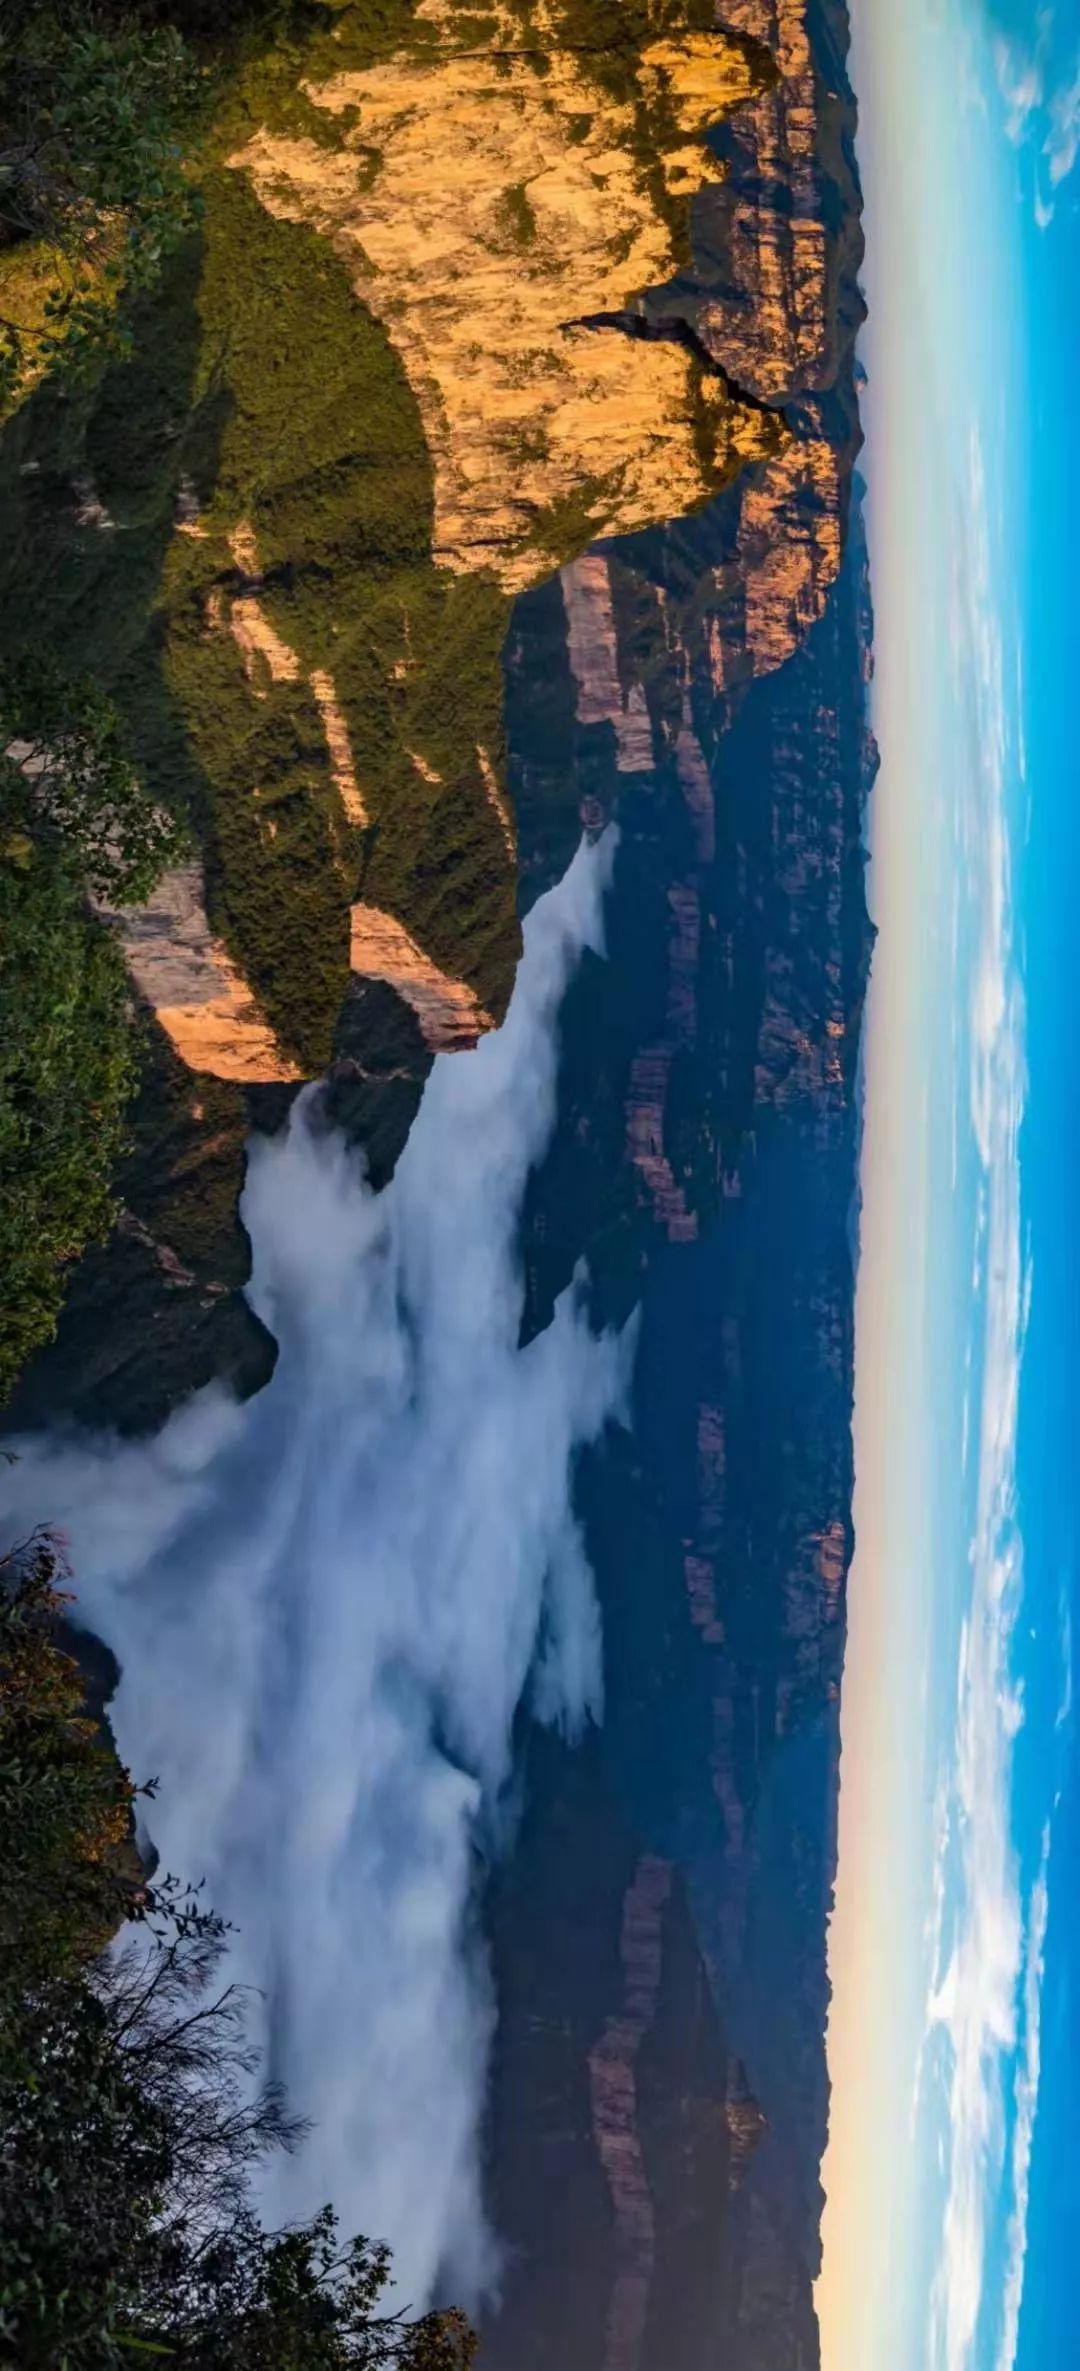 摄影师带你邂逅关山云海,每一张都美爆了!(建议横屏观看)